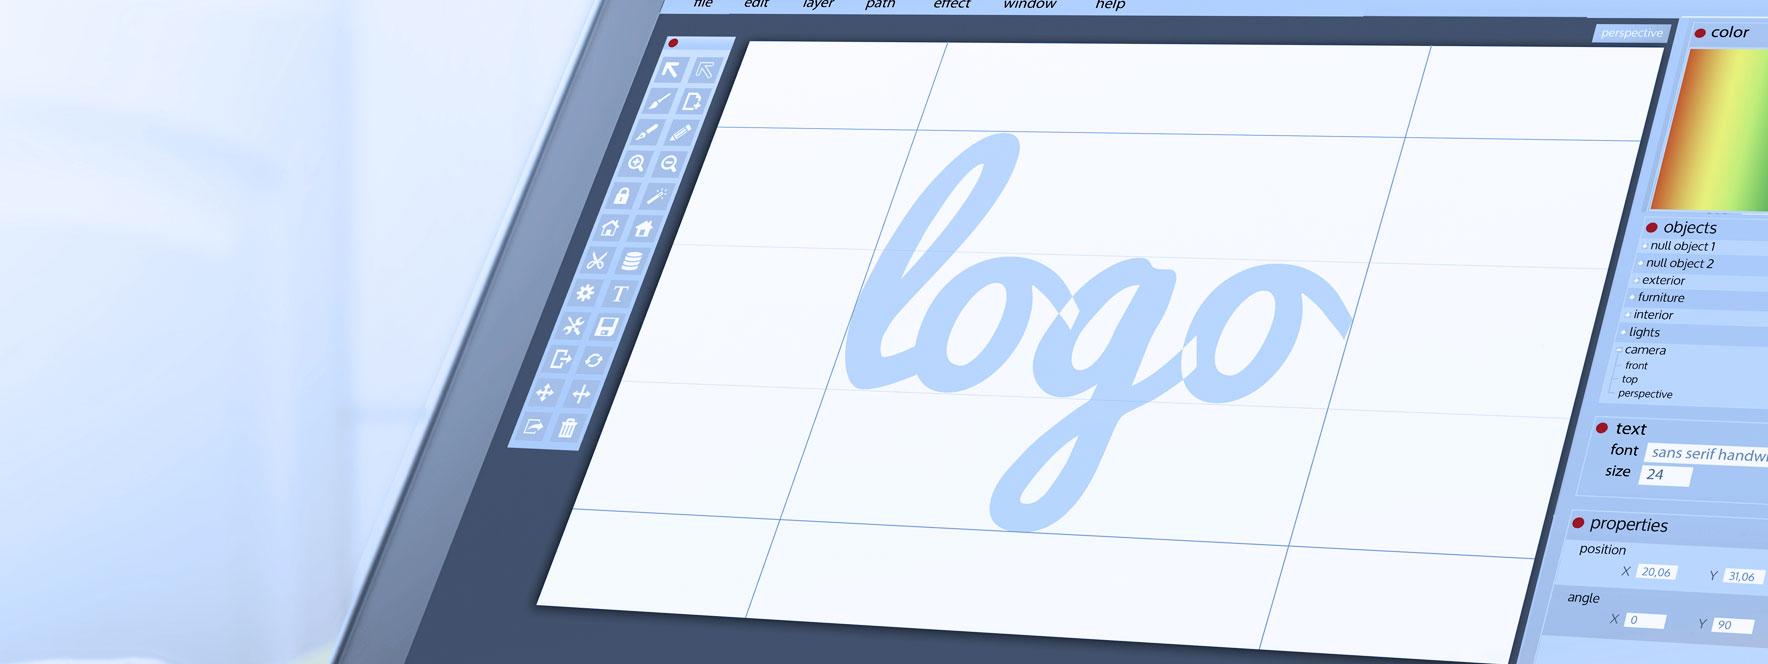 Concevoir son logo d'entreprise - Blogue du Réseau